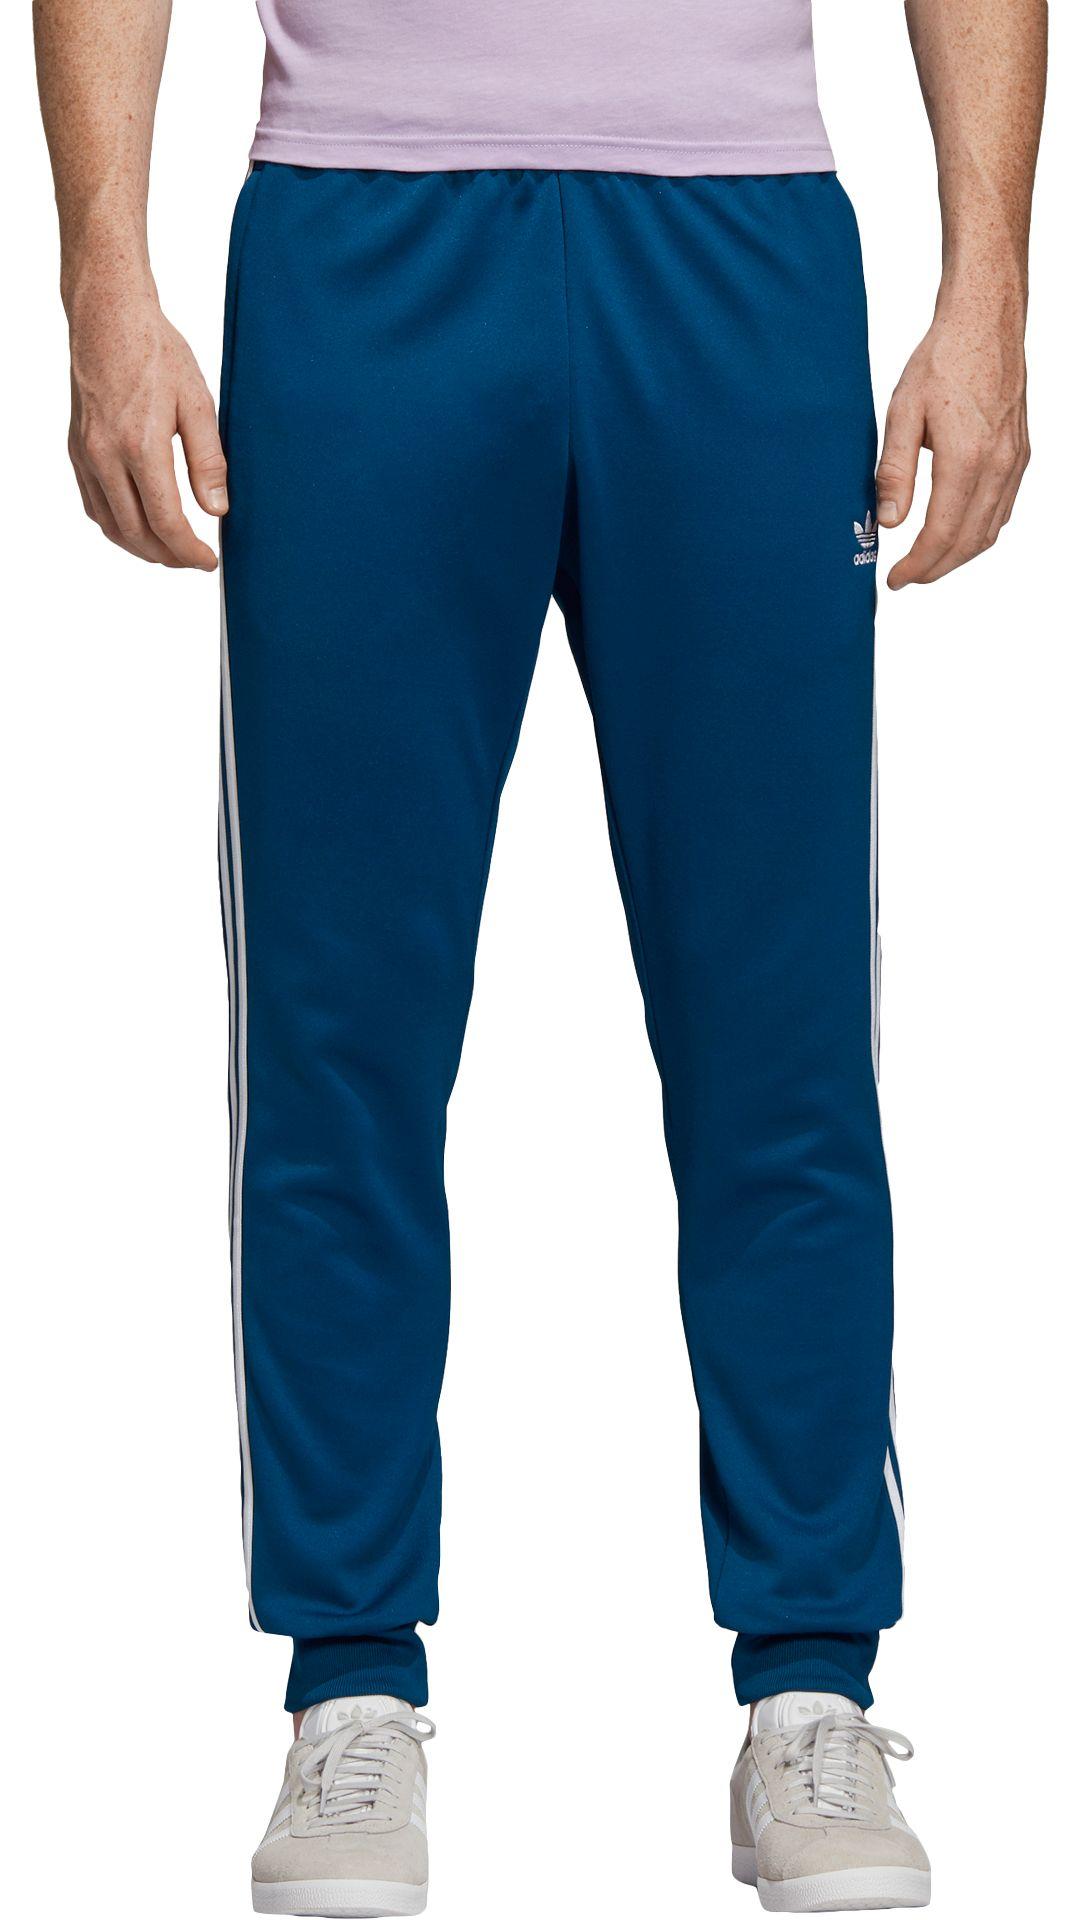 cheap for discount 8c480 8bc7d adidas Originals Men's Superstar Track Jogger Pants